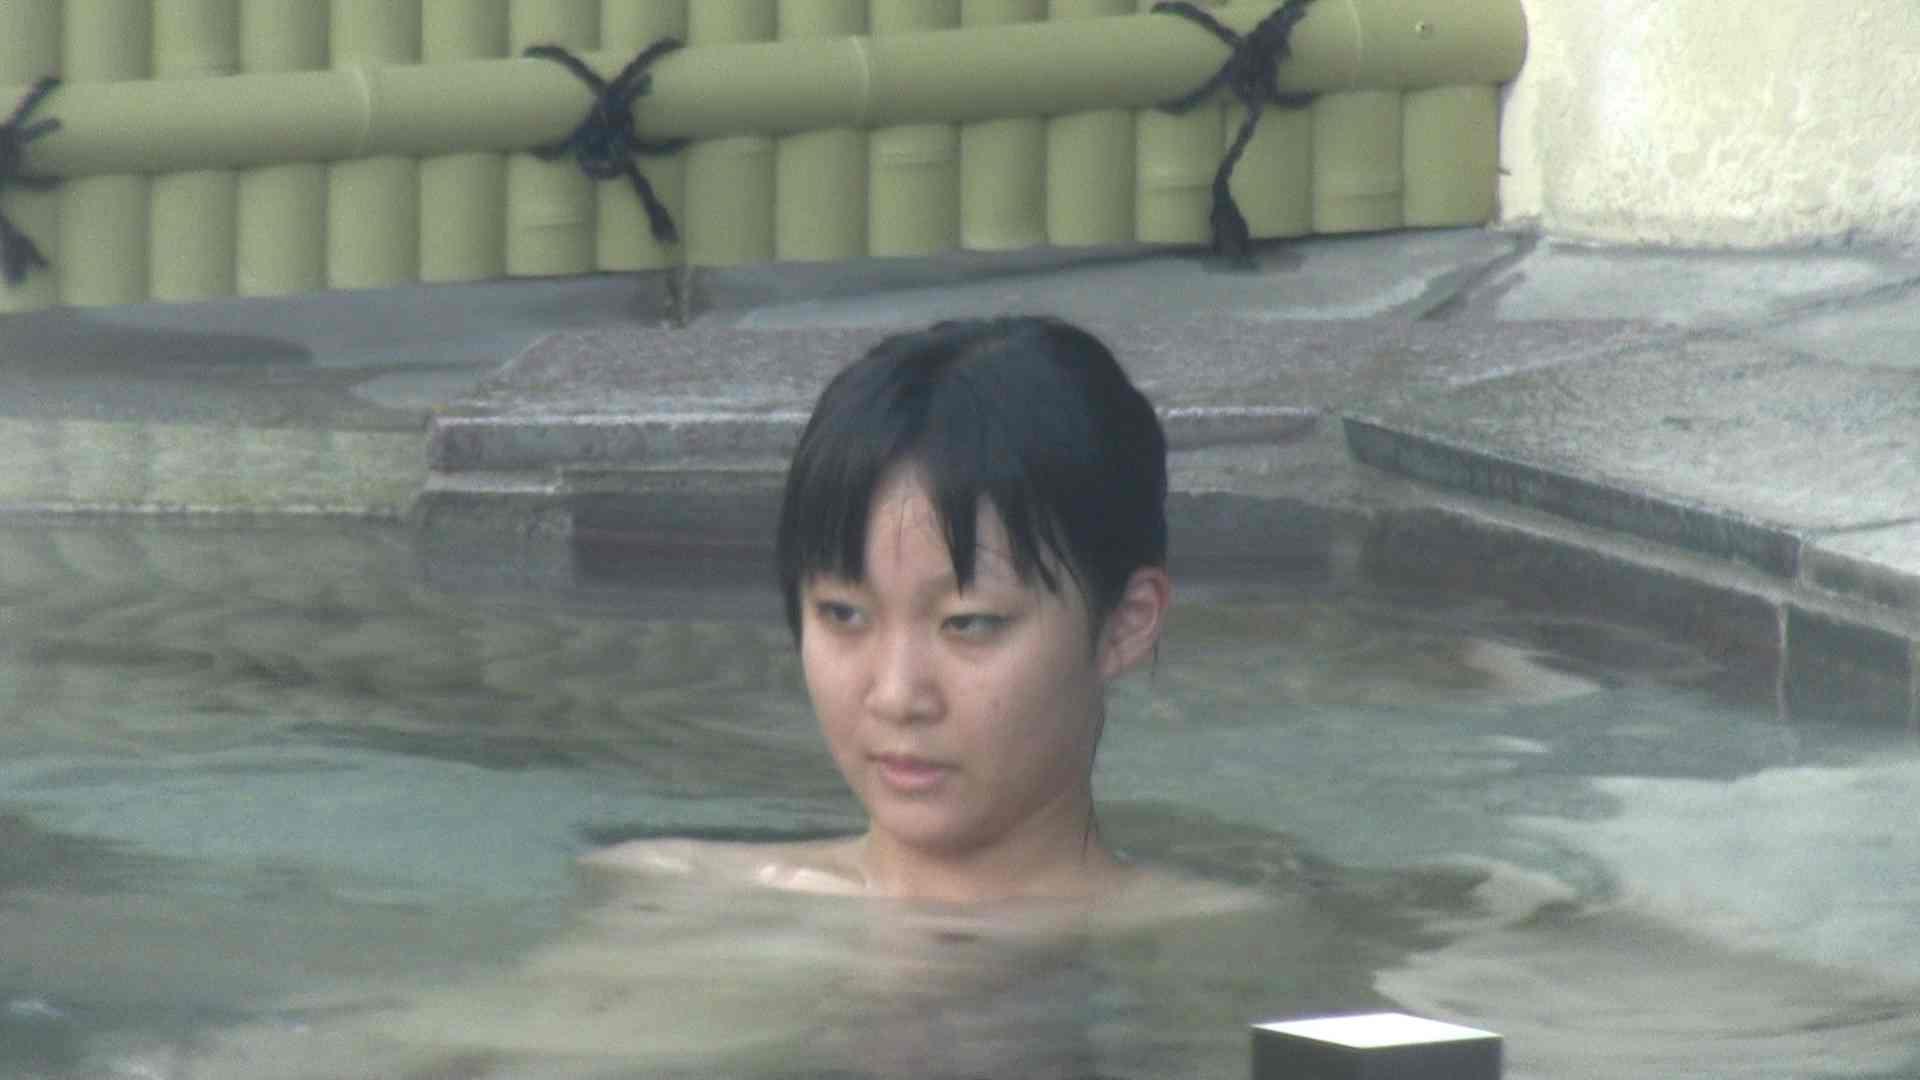 Aquaな露天風呂Vol.196 盗撮シリーズ  87PIX 16